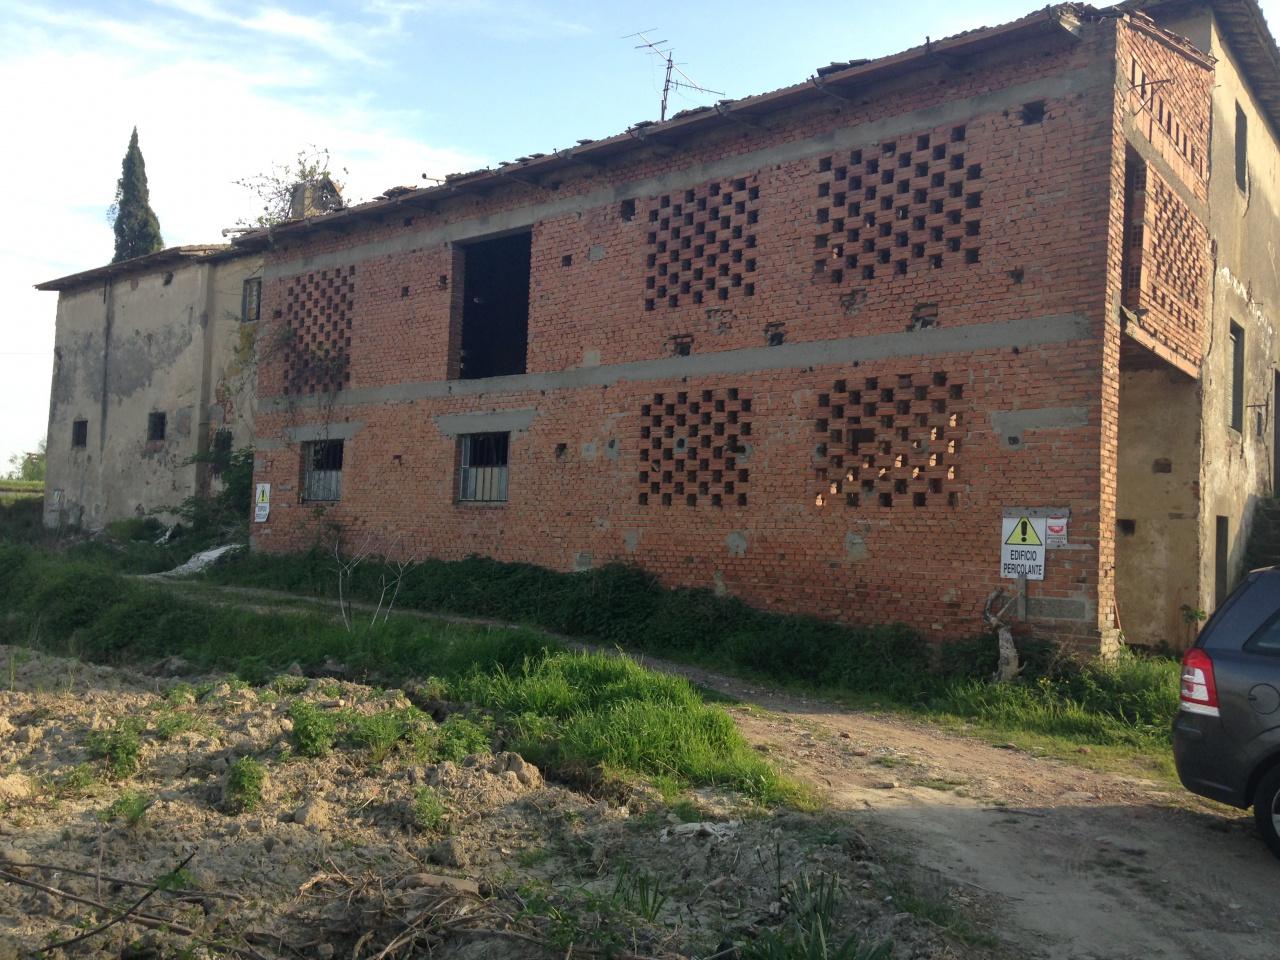 Rustico / Casale in vendita a Signa, 9999 locali, prezzo € 800.000 | CambioCasa.it